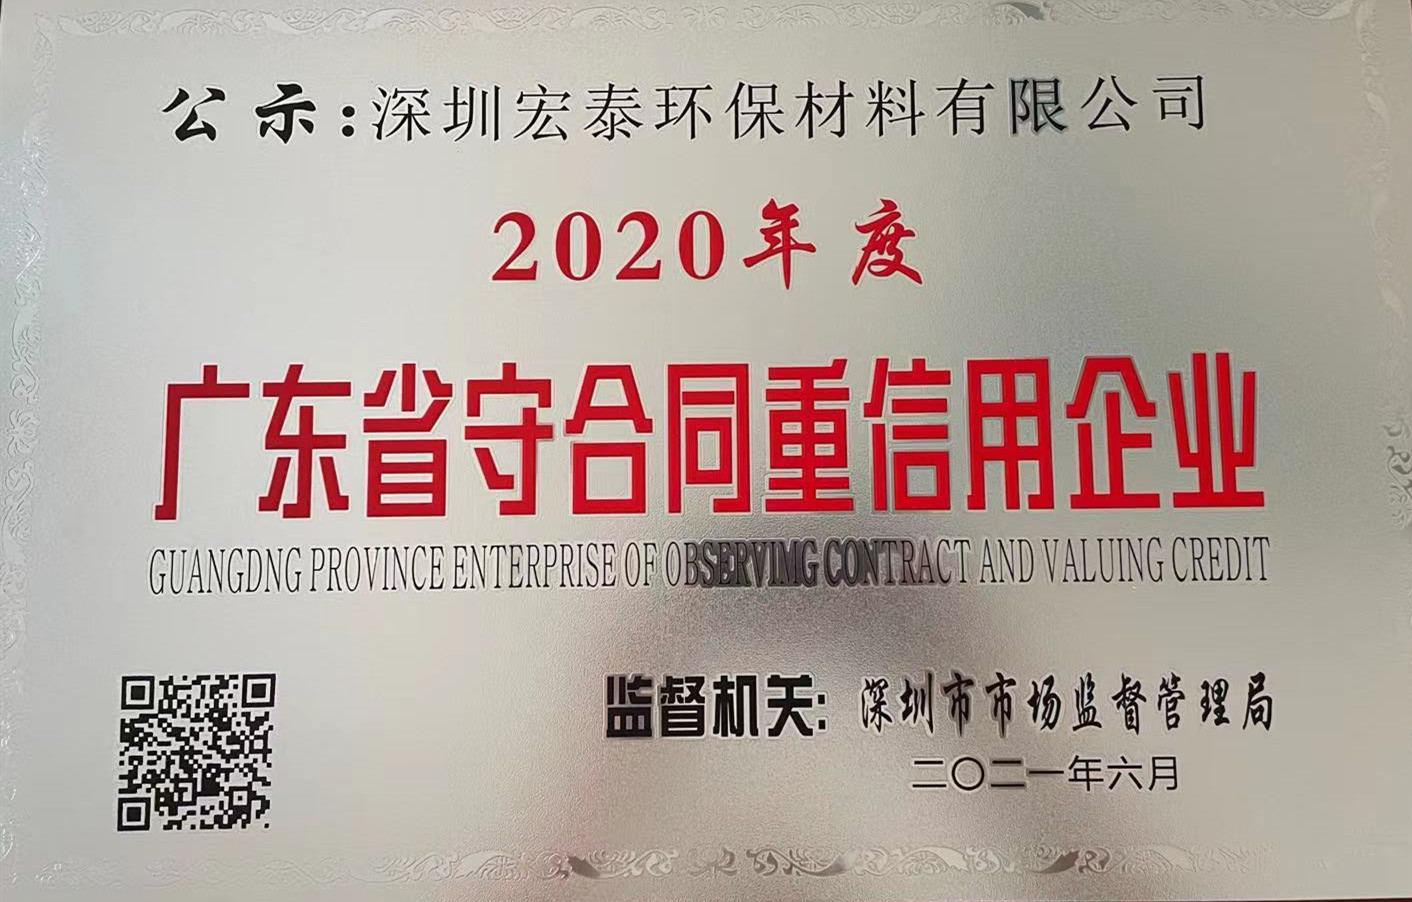 汉林水性腻子厂家被评为2020年度《广东省守合同重信用企业》